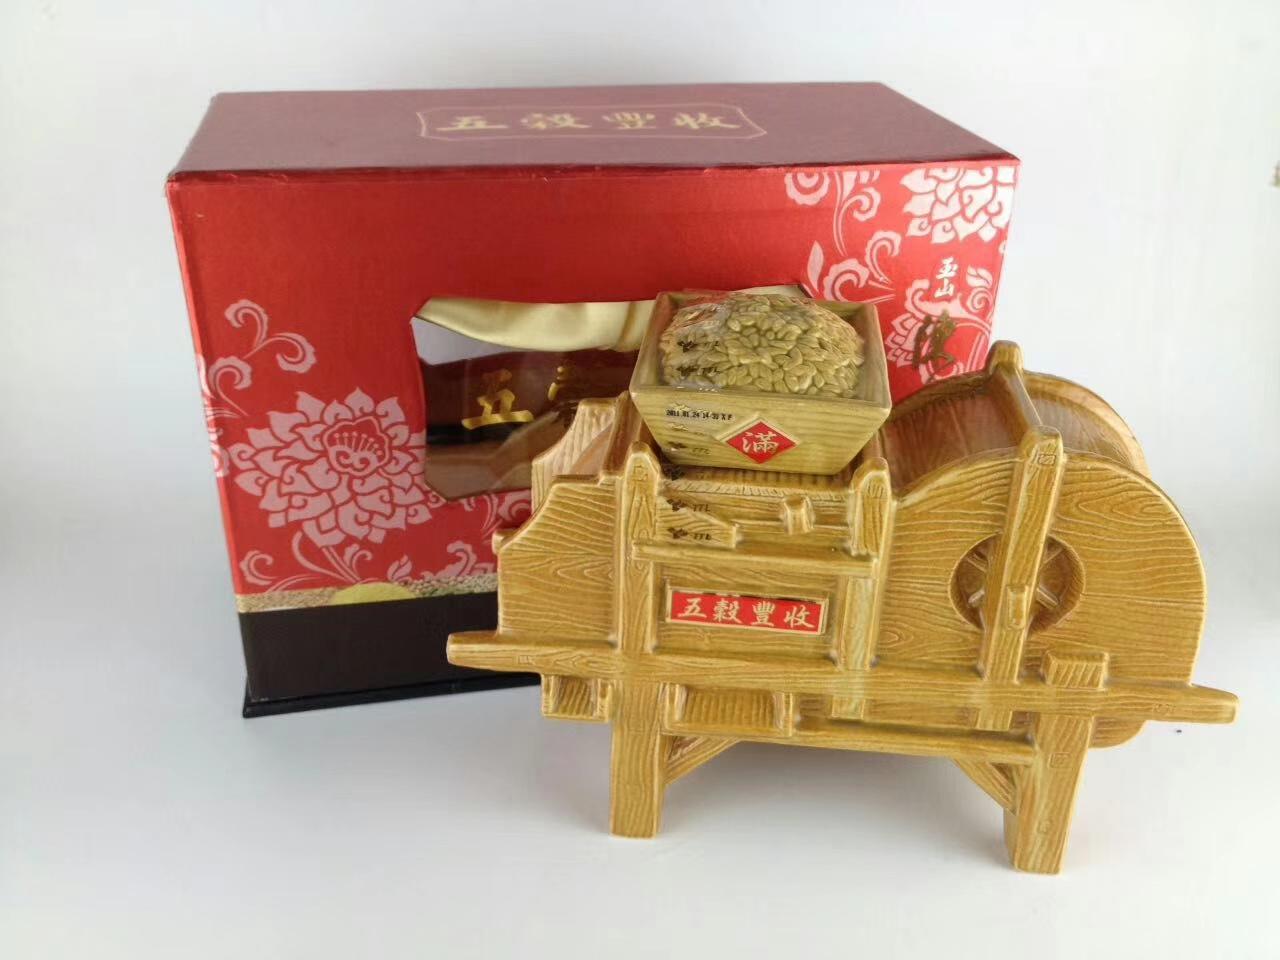 玉山陳年二鍋頭禮盒(五榖豐收)52度0.75公升